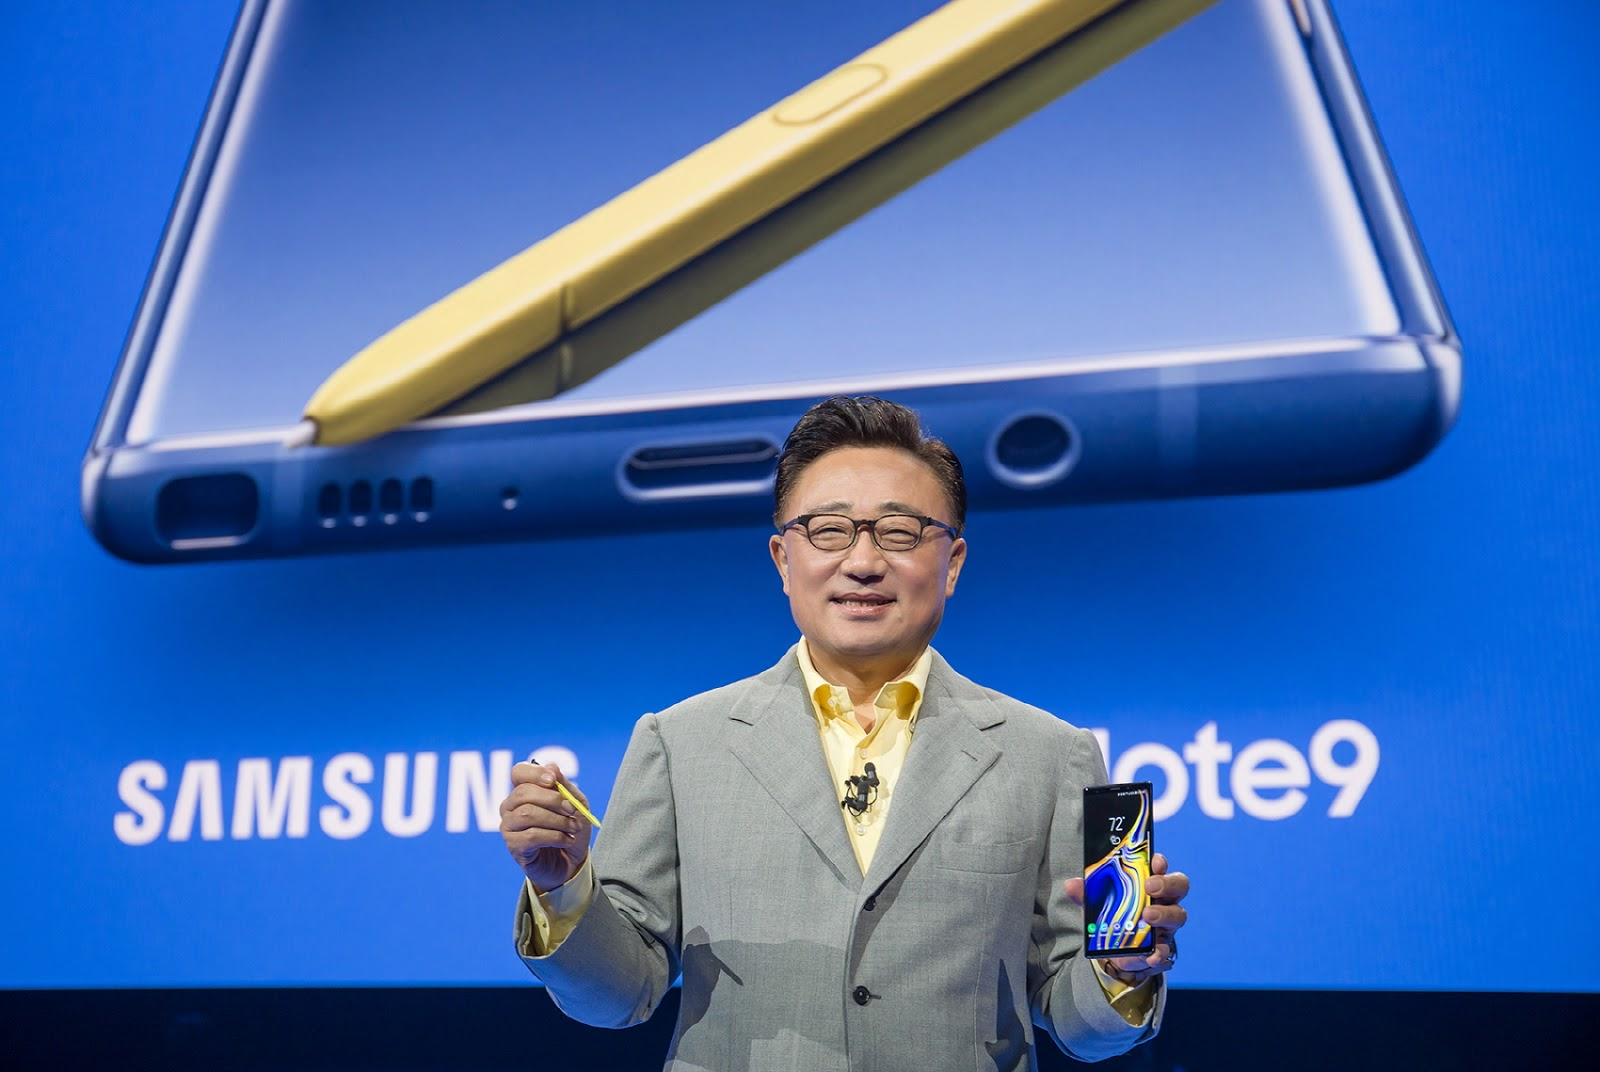 Todo sobre el nuevo y súper poderoso Galaxy Note9